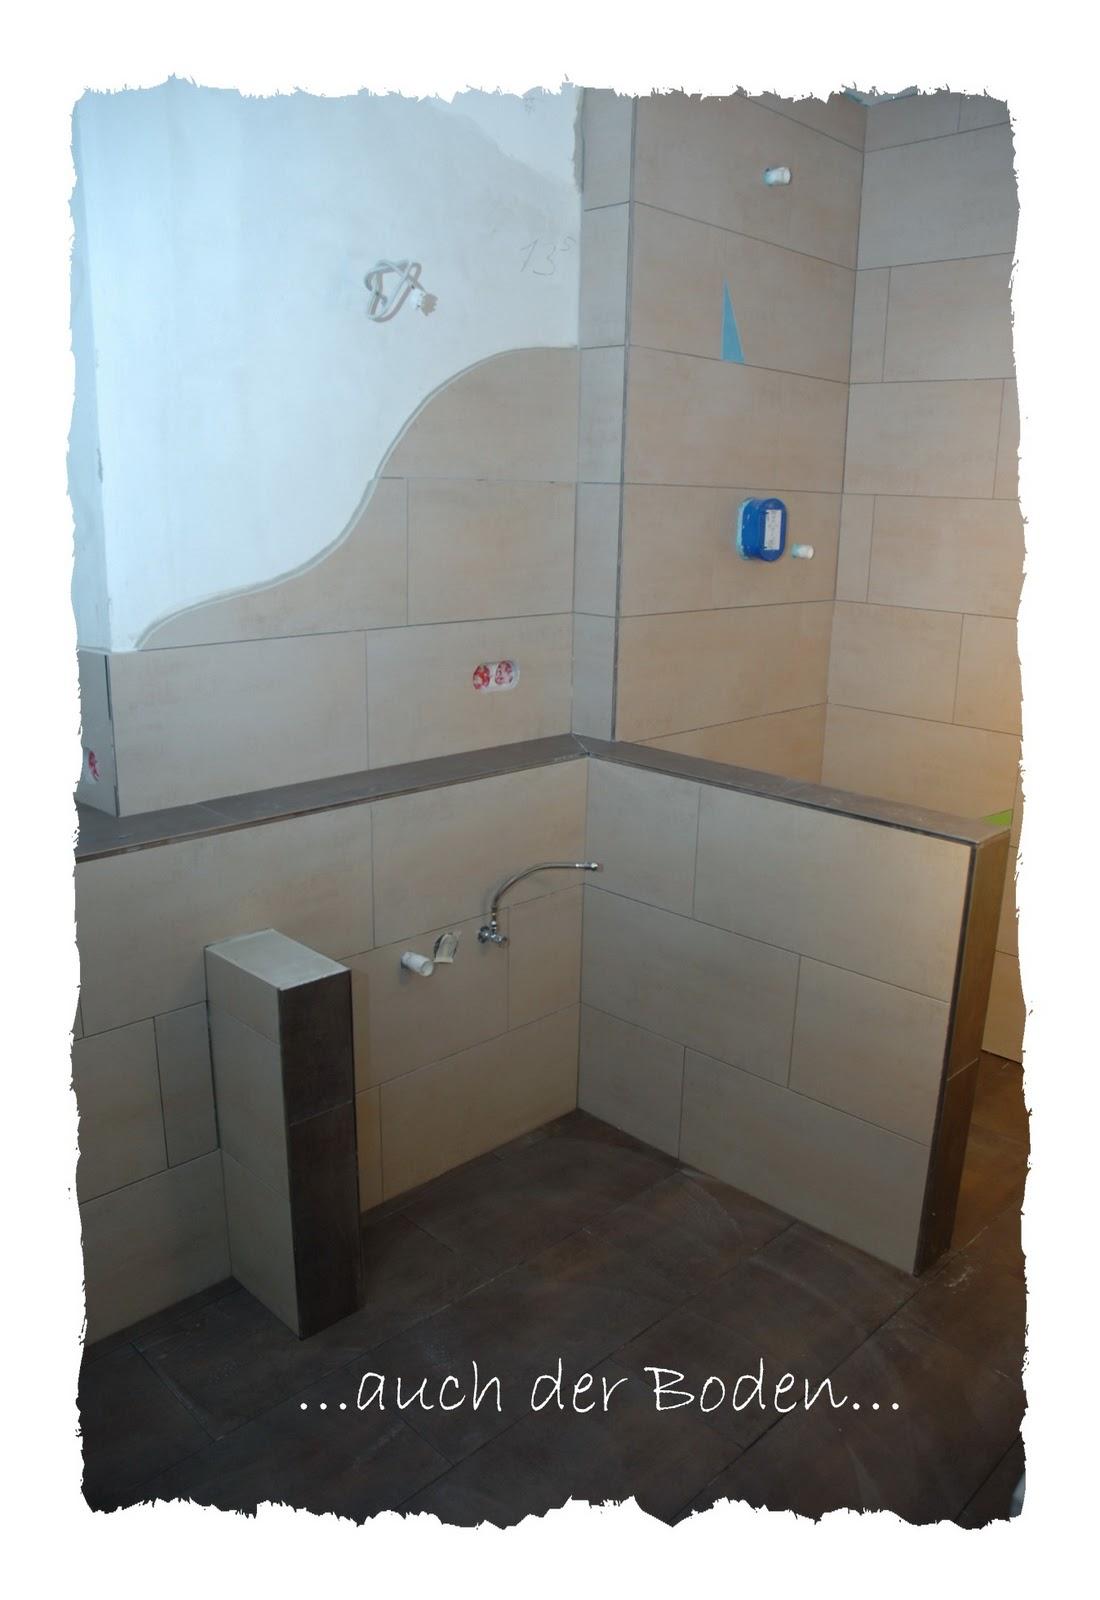 badezimmer umbau kosten tipps zum kauf neuer badmbel mit bilder ideen umbau von badewanne zur. Black Bedroom Furniture Sets. Home Design Ideas